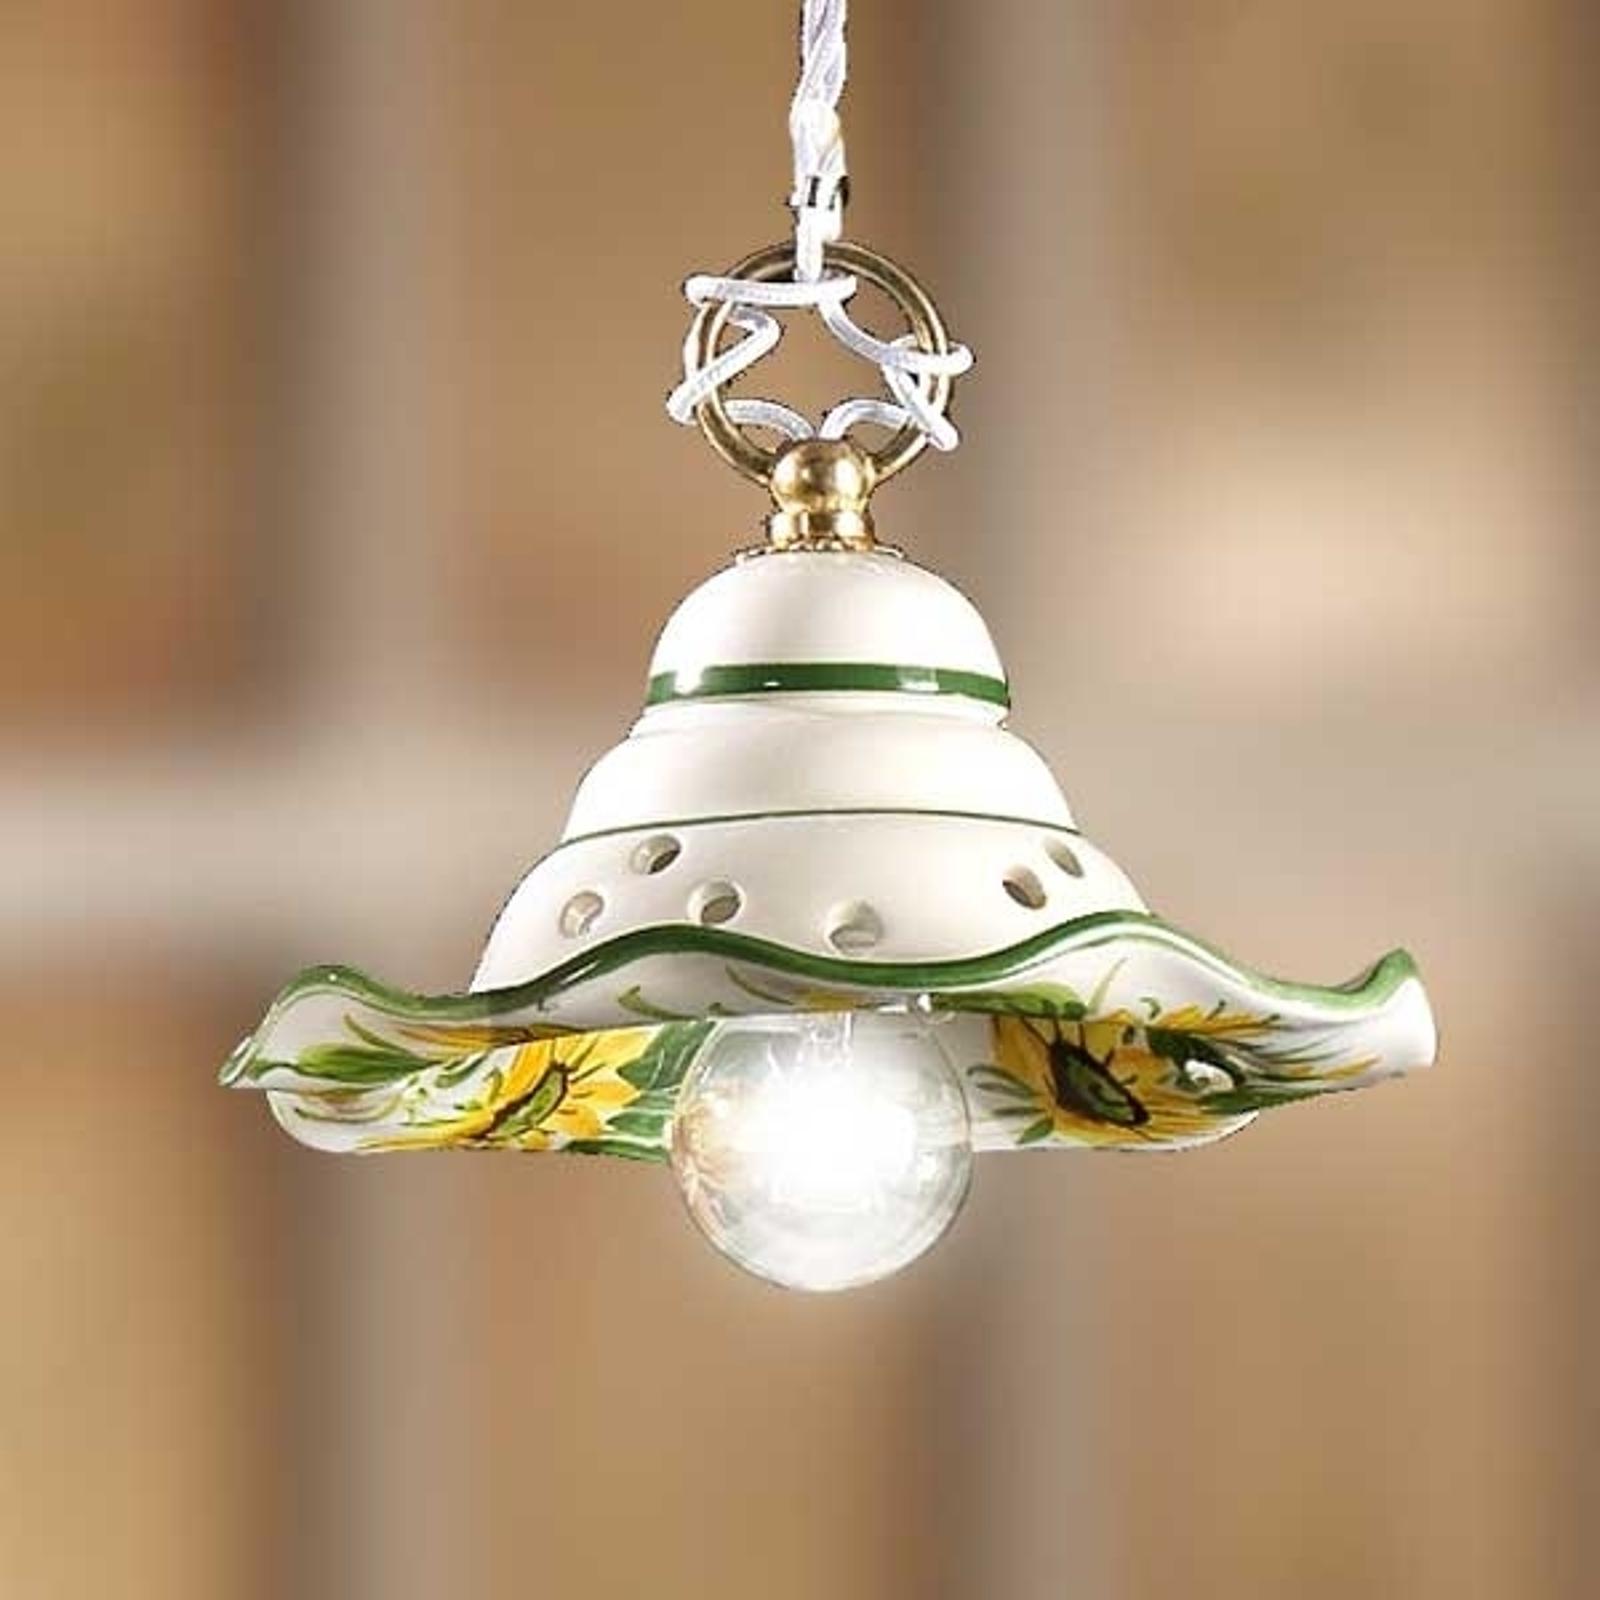 Malá závesná lampa GIRASOLA šarm vidieckeho domu_2013092_1